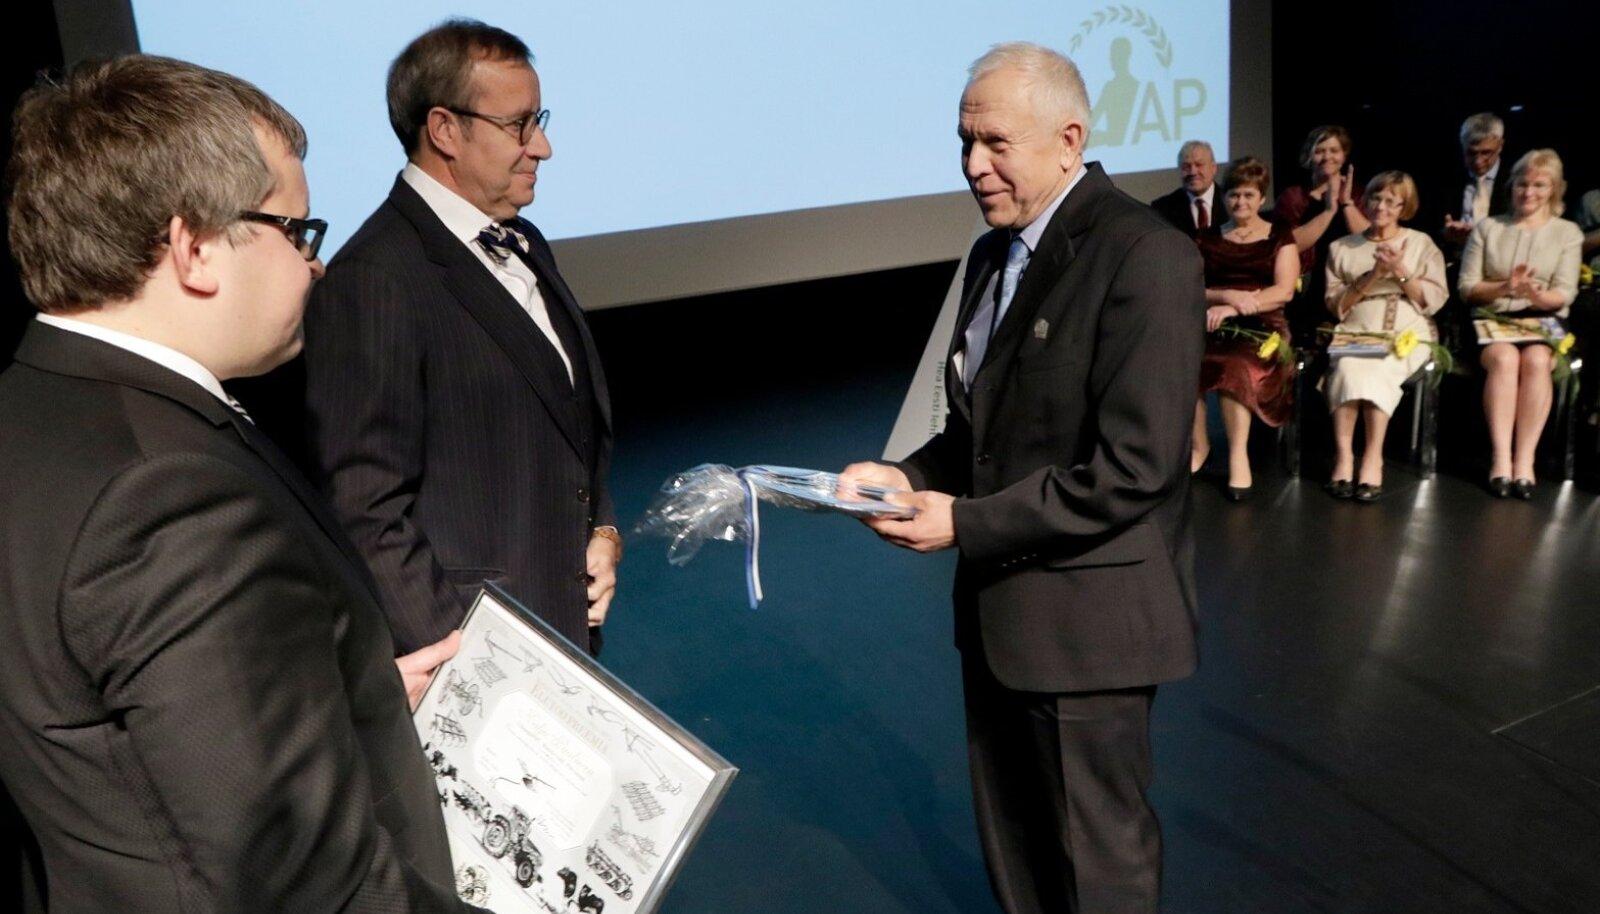 Elutööpreemia andsid linakasvataja Kalju Paalmanile üle president Toomas Hendrik Ilves ja põllumajandus-kaubanduskoja juhataja Roomet Sõrmus.